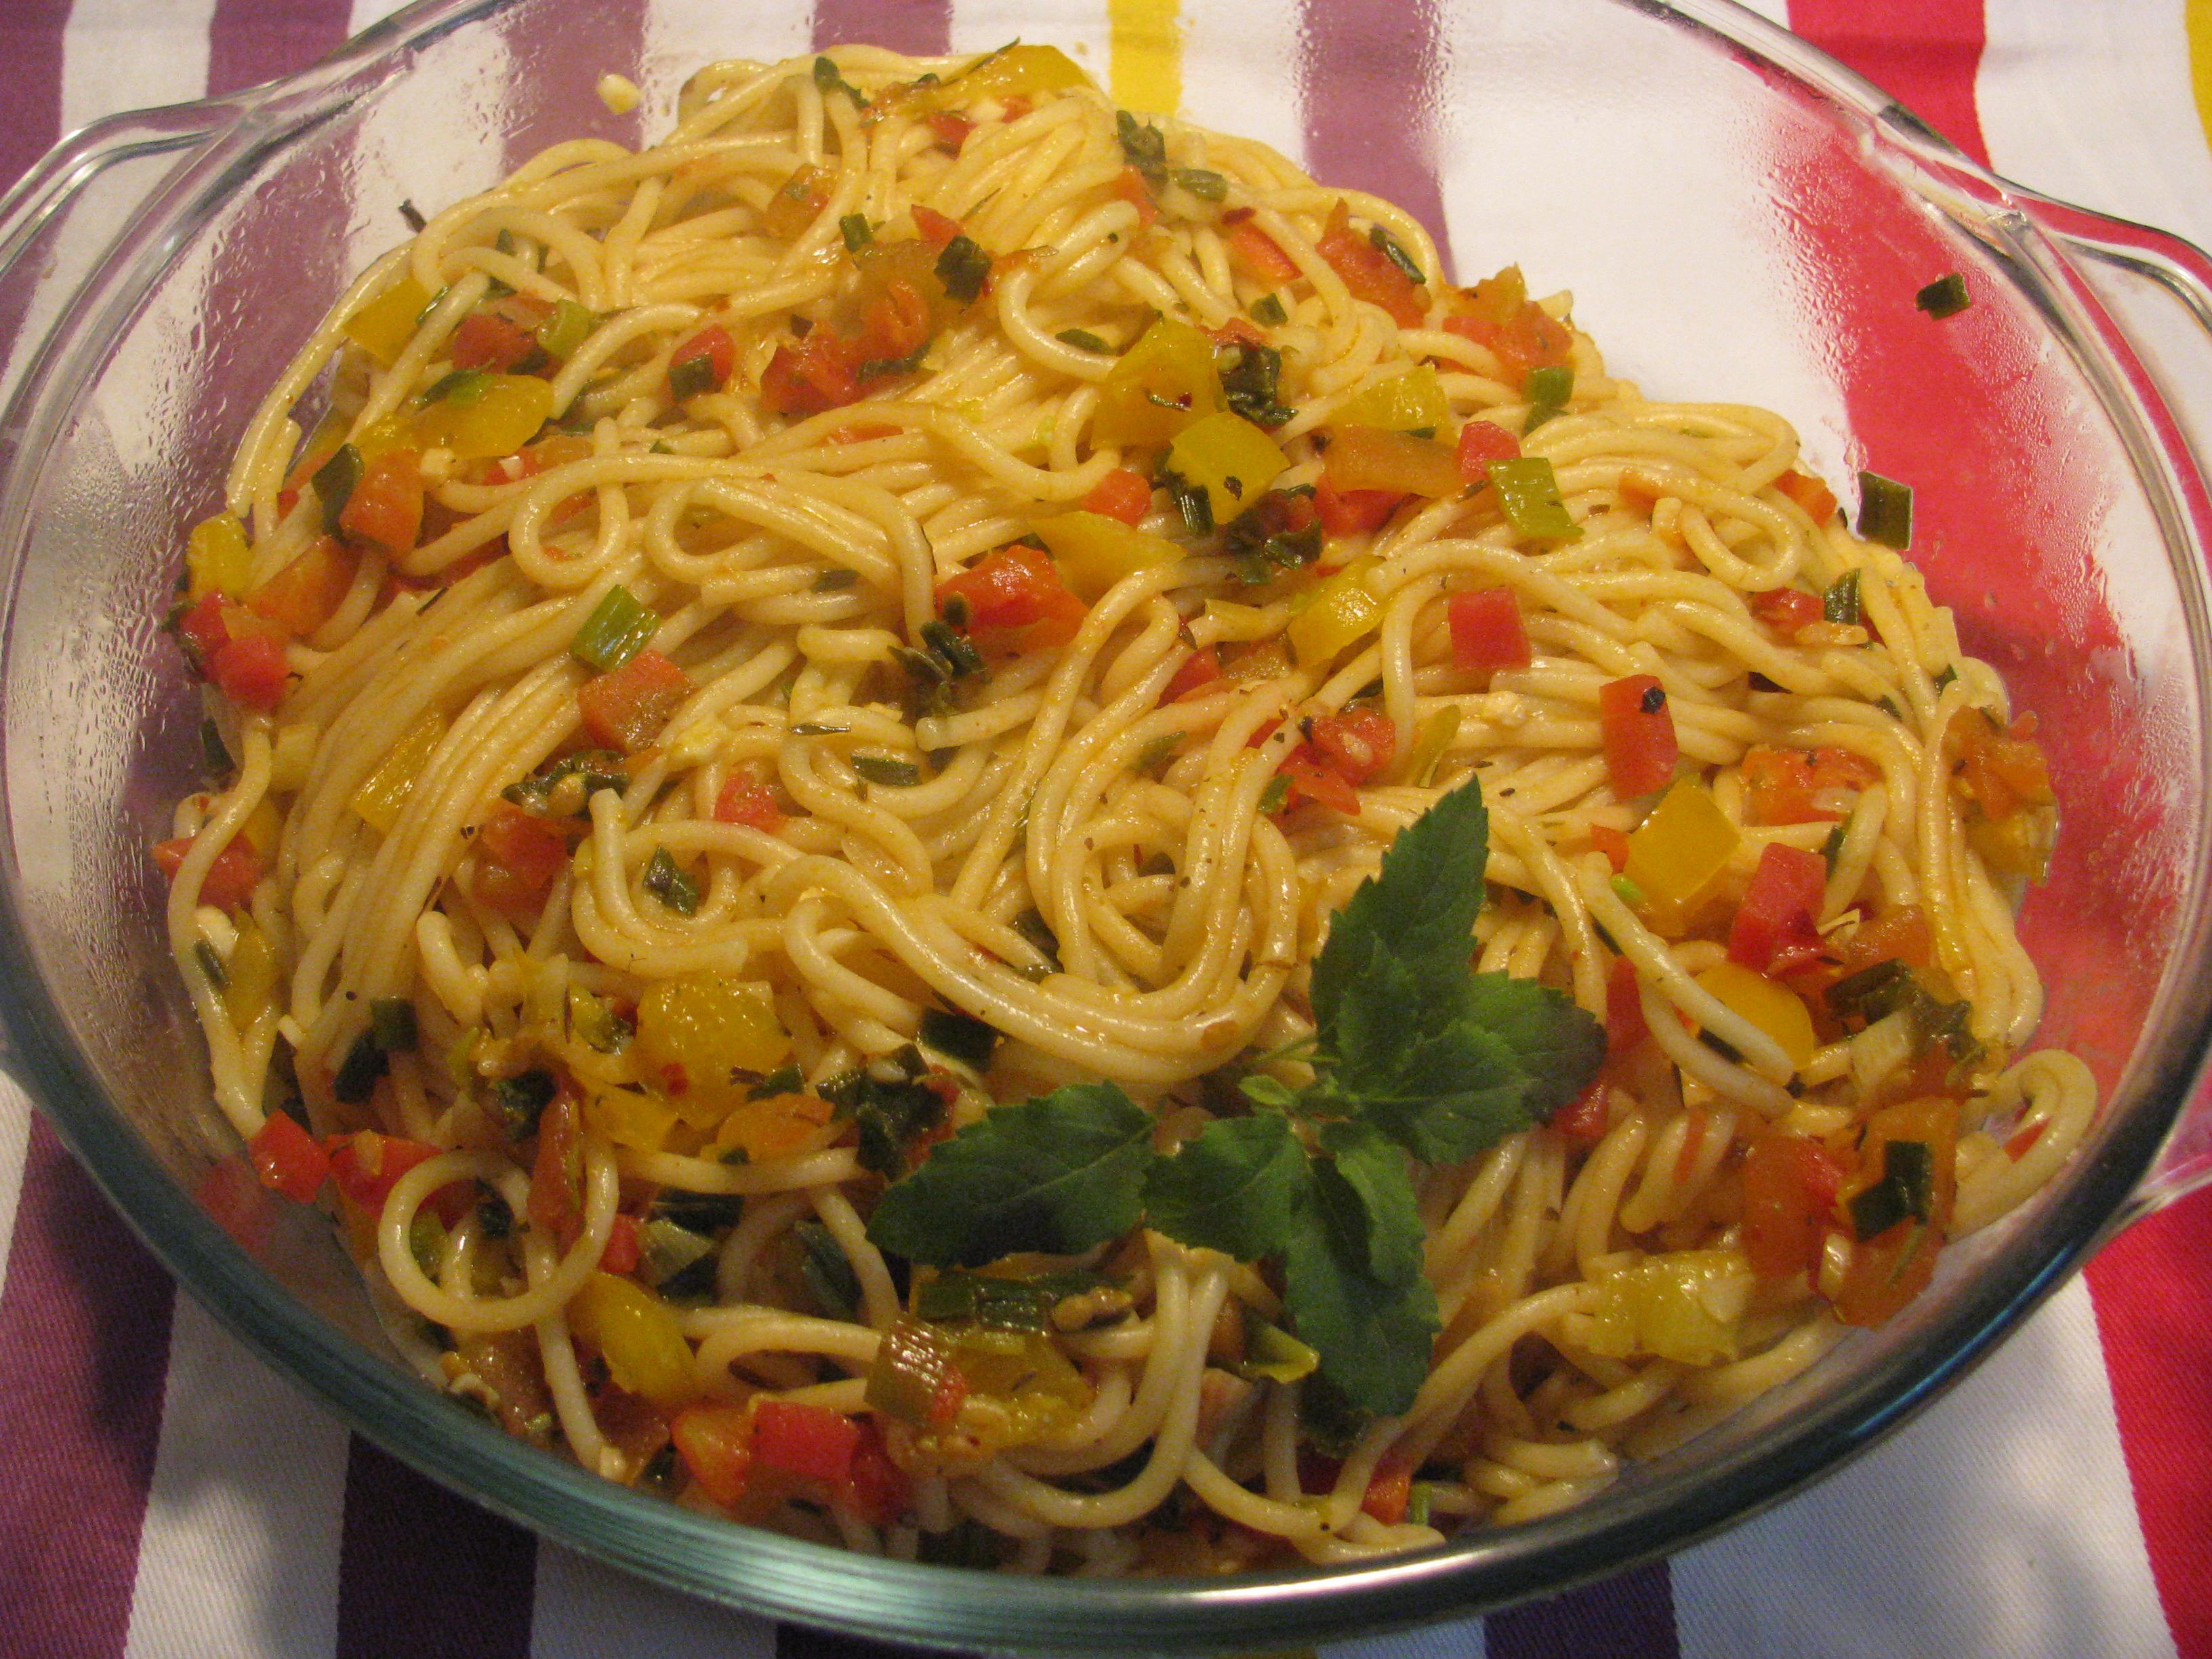 Vegan spaghetti pasta recipe healthy spaghetti pasta recipe vegeterian pasta recipe forumfinder Image collections